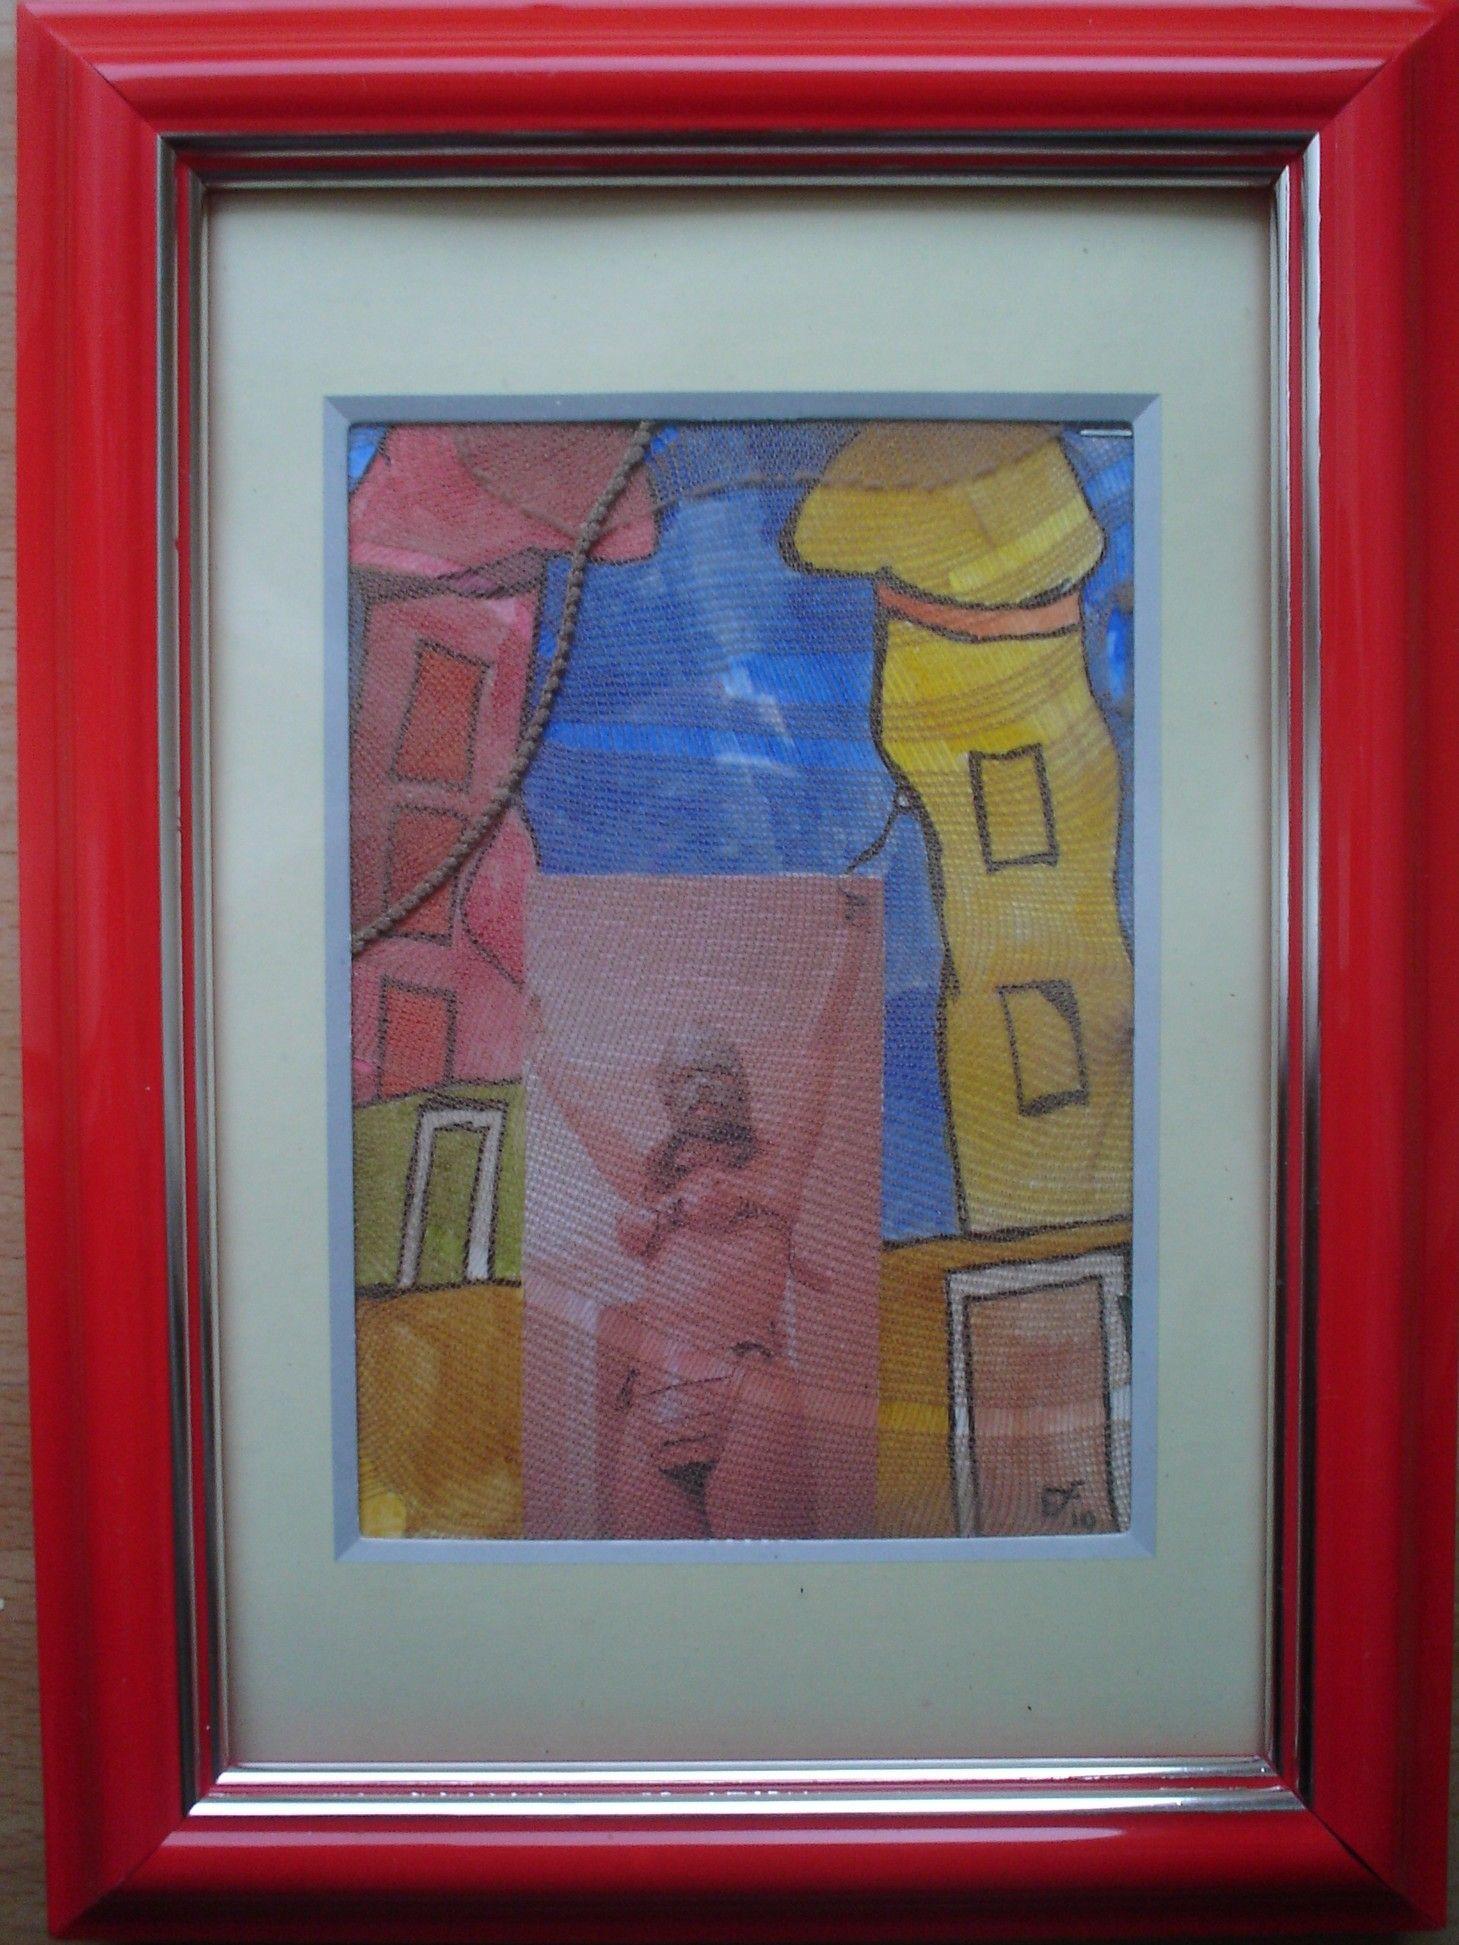 Für die Stockings und Nylons  Liebhaber/rinnnen wie ich. Meine eigene Kunst :DICK PALACE. Verkauft. Zur Zeit meine Kunst auch auf ebay.de unter:  http://www.ebay.de/sch/i.html?_from=R40&_trksid=p2050601.m570.l1313.TR2.TRC1.A0.H0.XEYF-ART.TRS0&_nkw=EYF-ART&_sacat=0